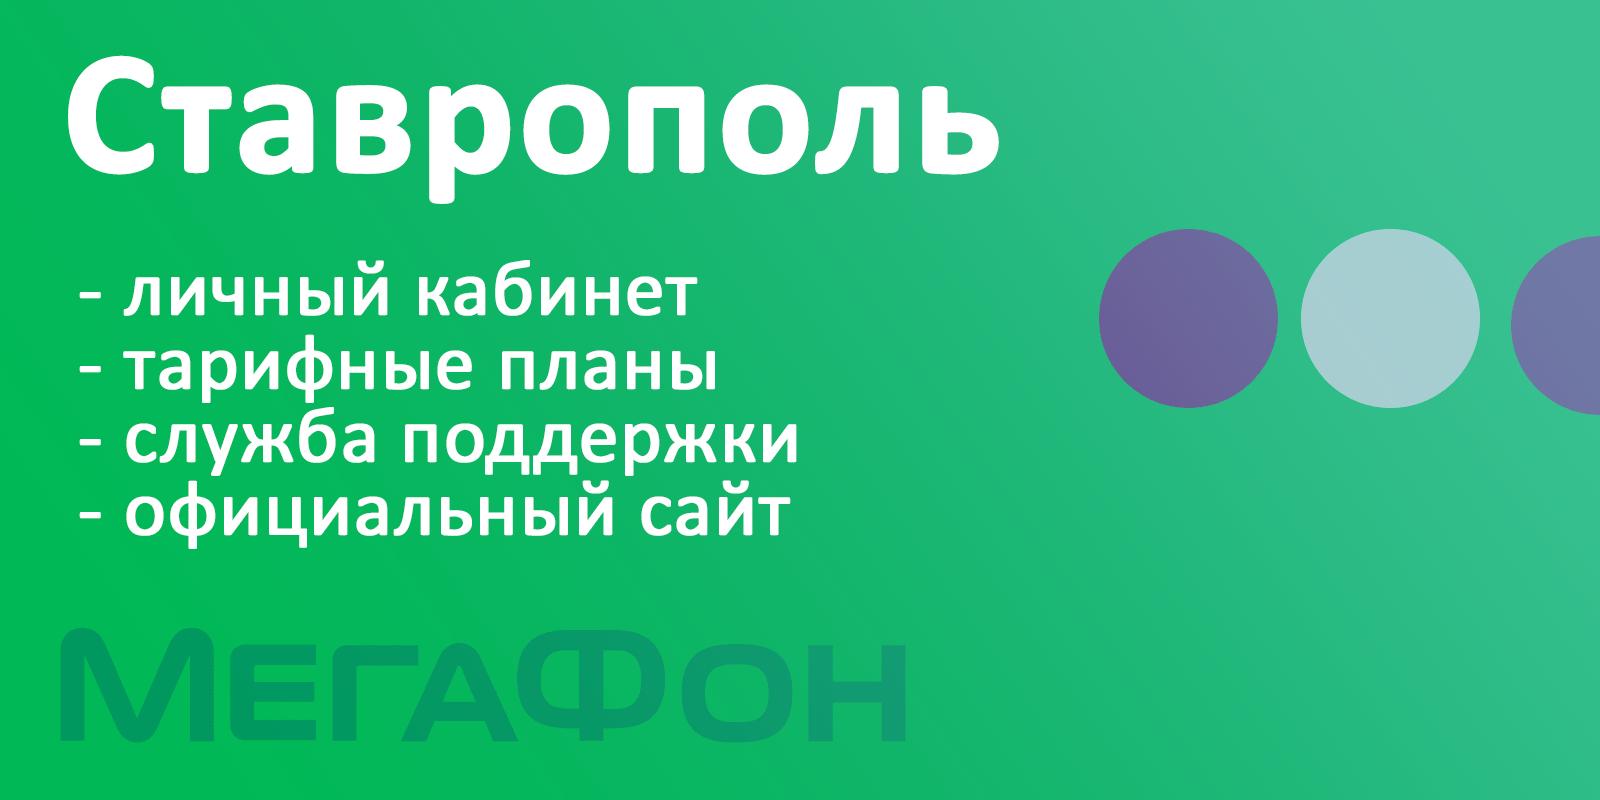 site-megafon-stavropol.png